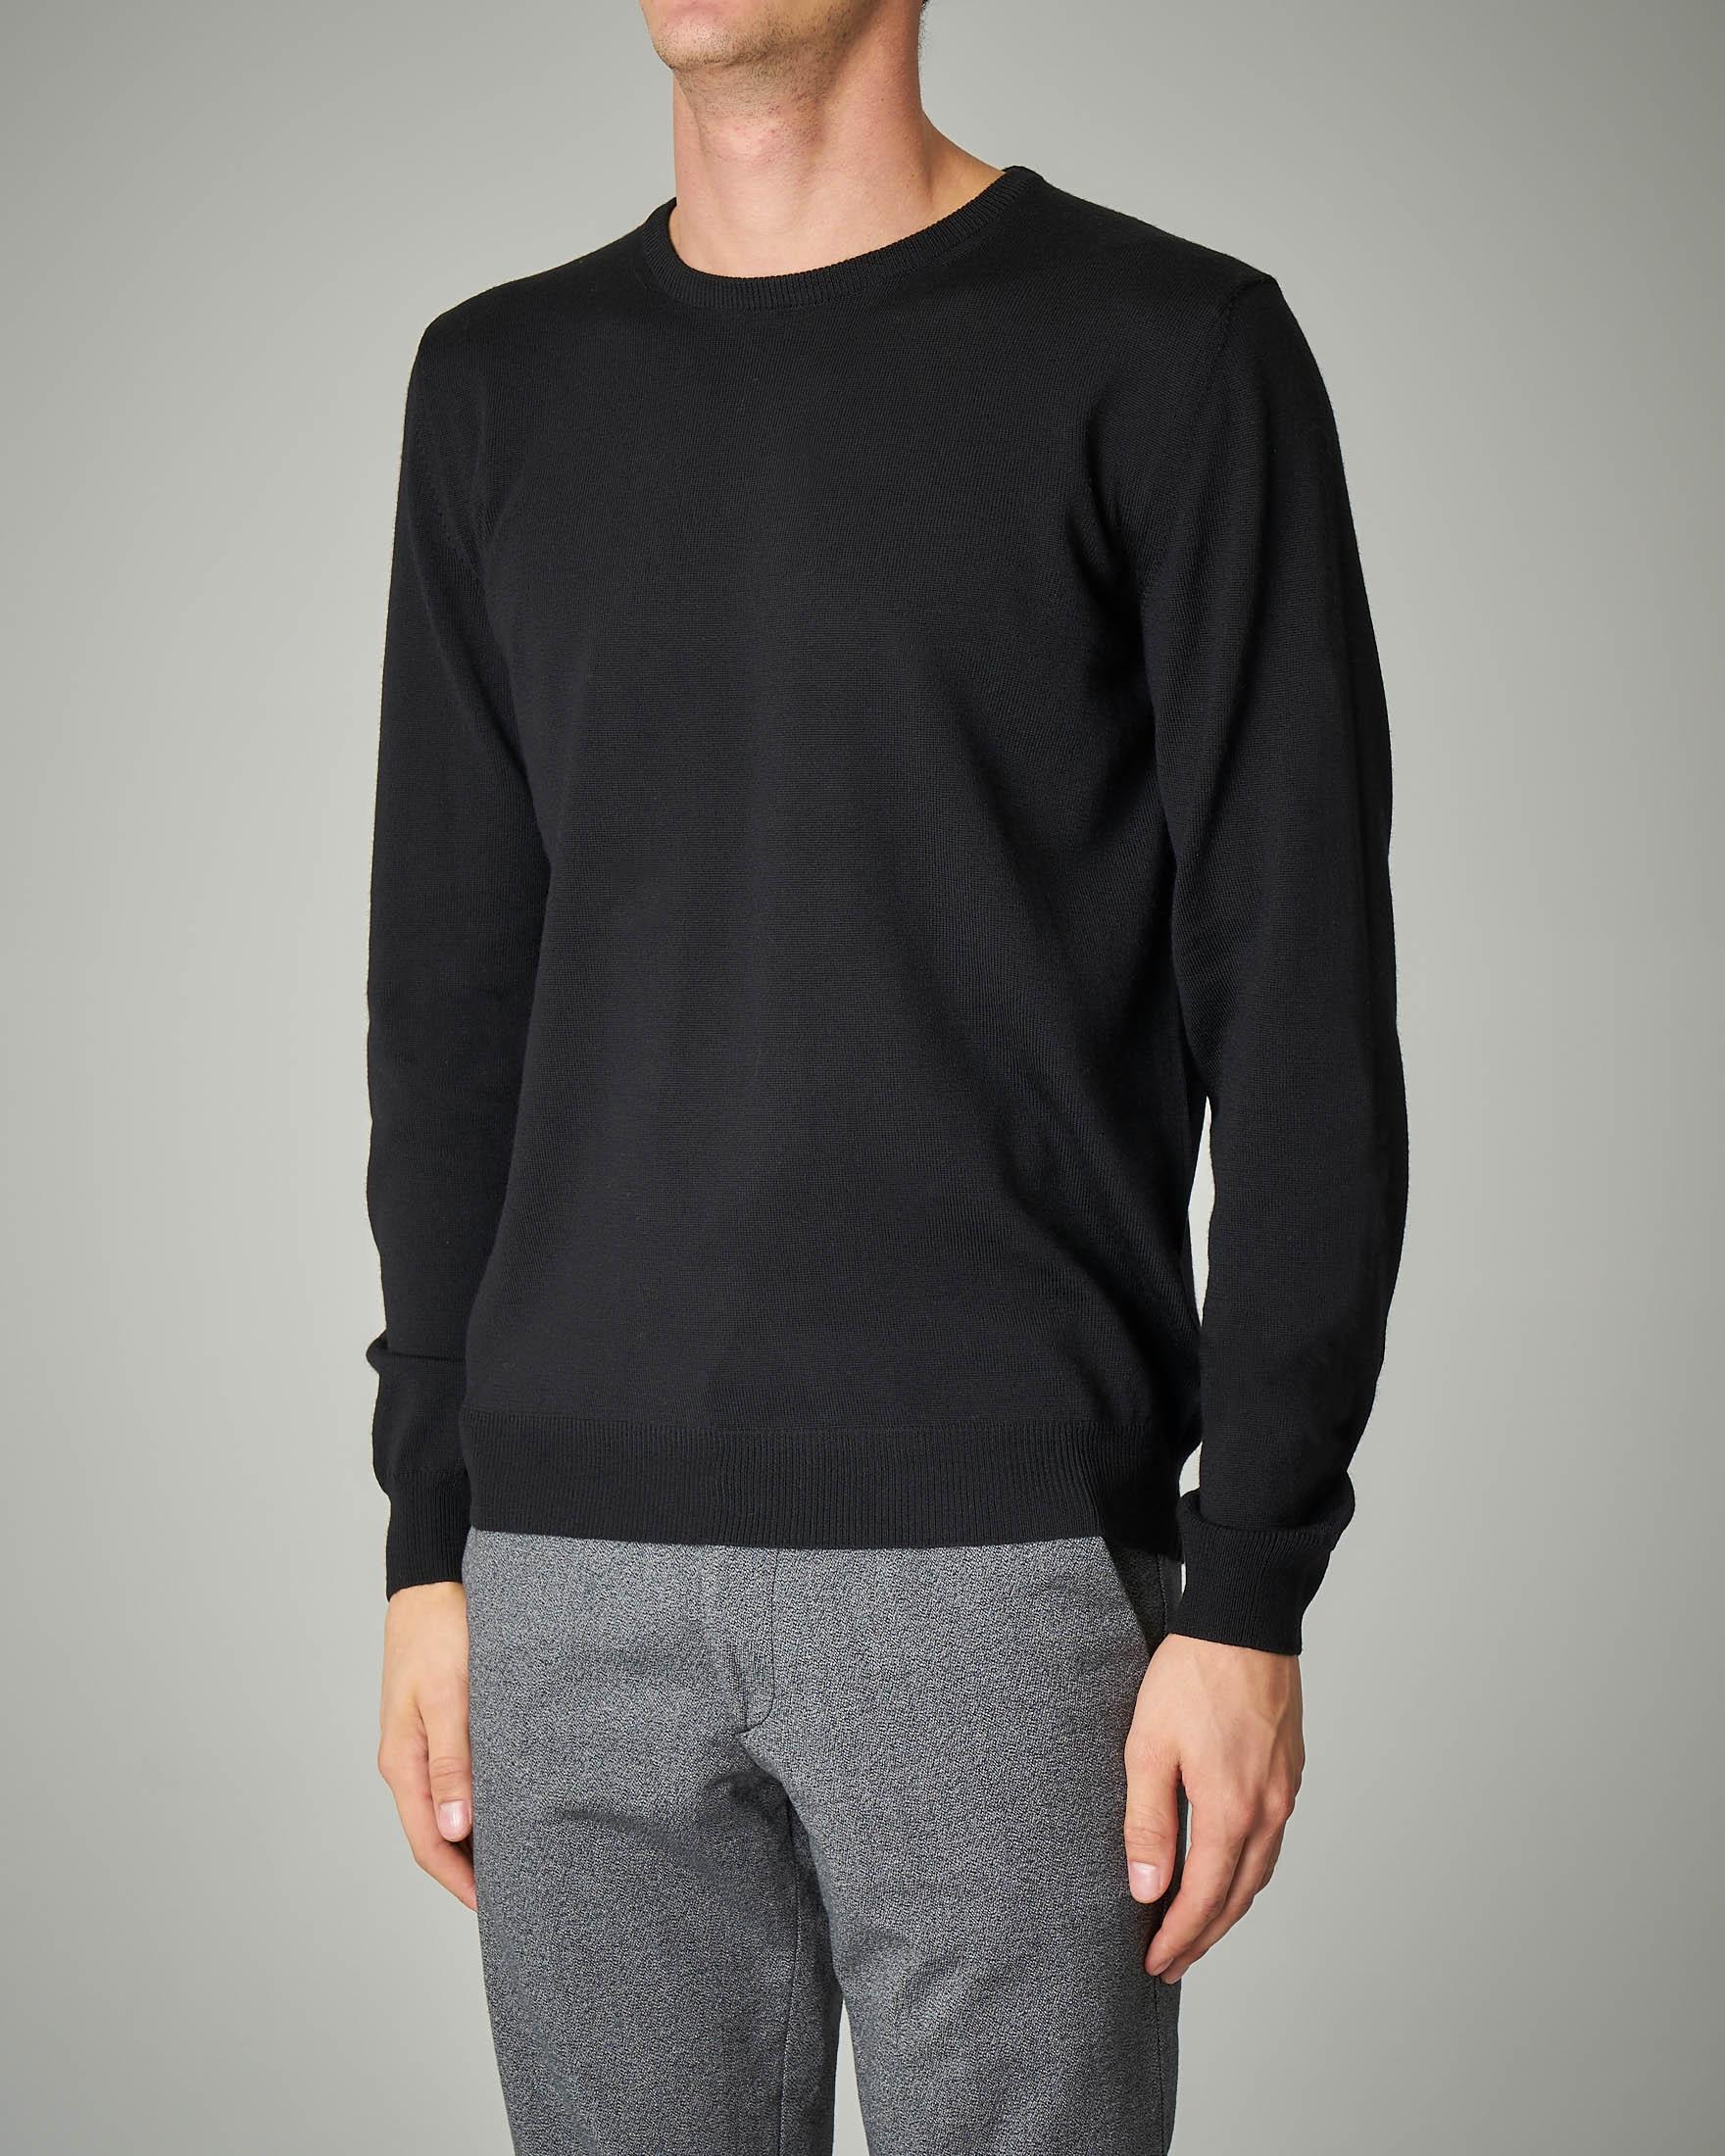 Maglia nera girocollo in lana merino